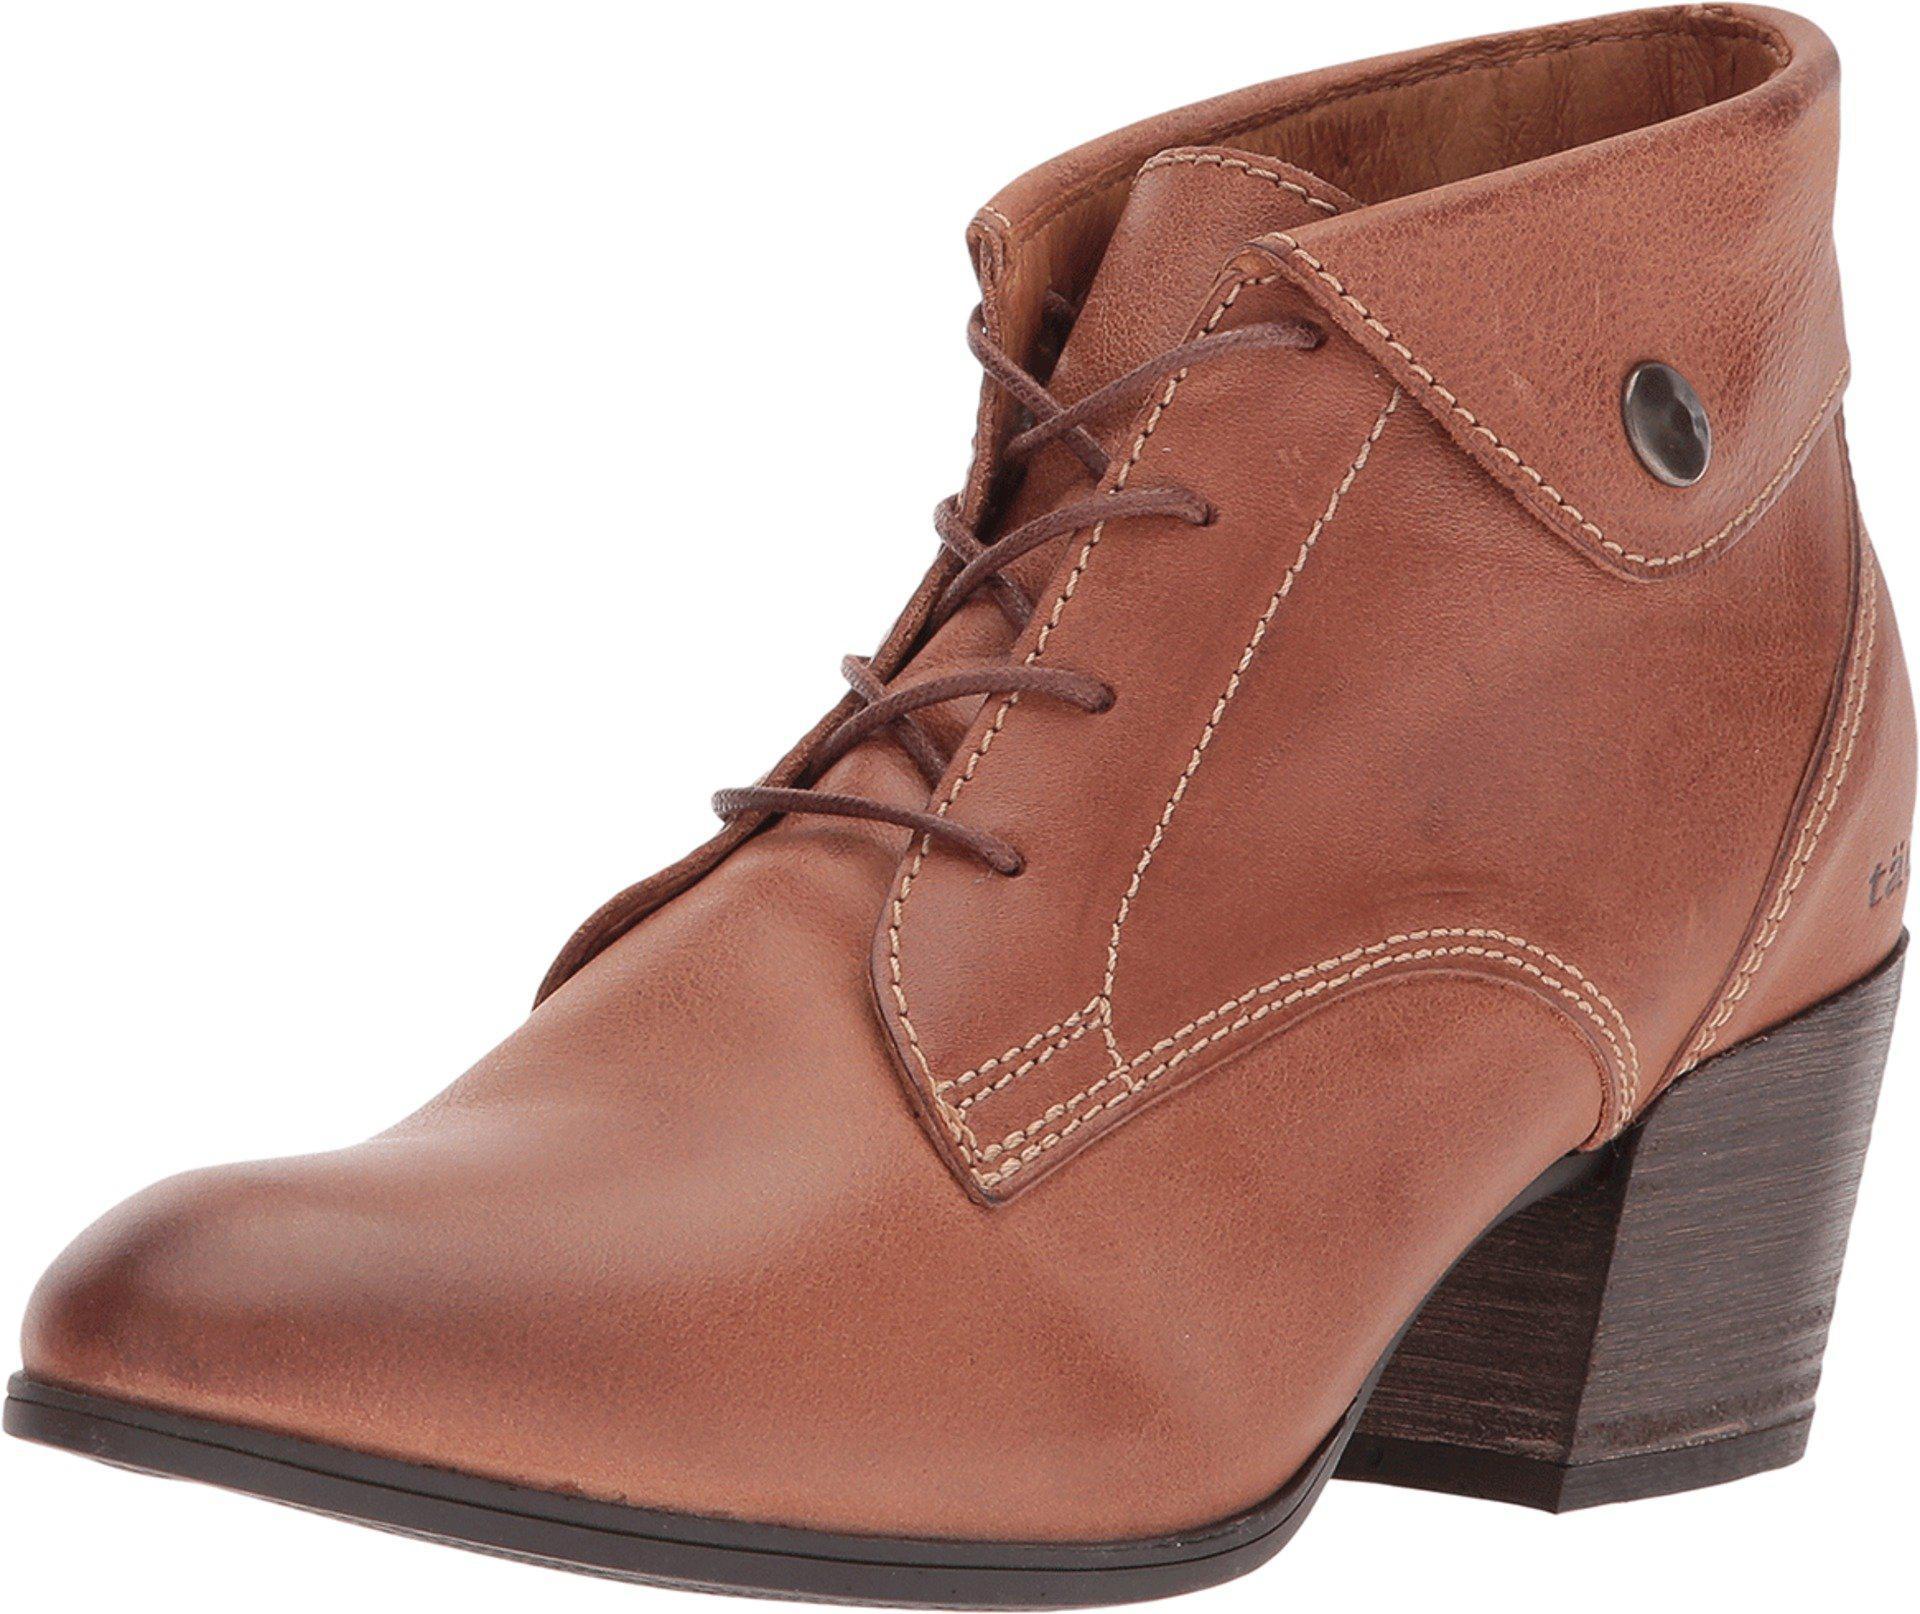 Taos Footwear Scribe U8uGO69zdm